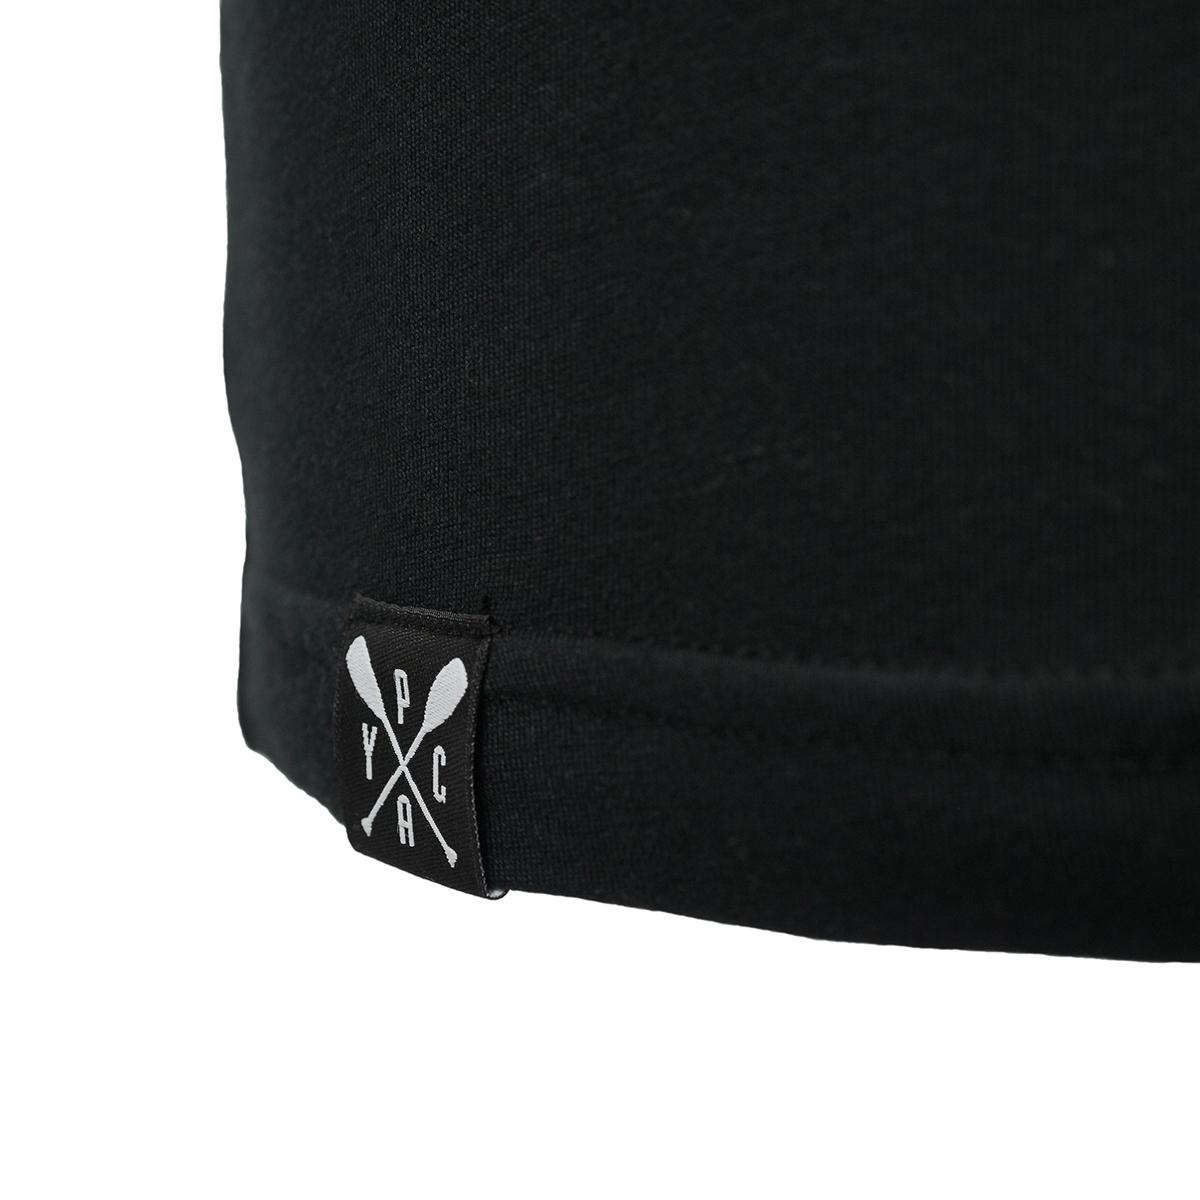 Tuotekuva: Persauki Yacht Club – Perswatch t-paita